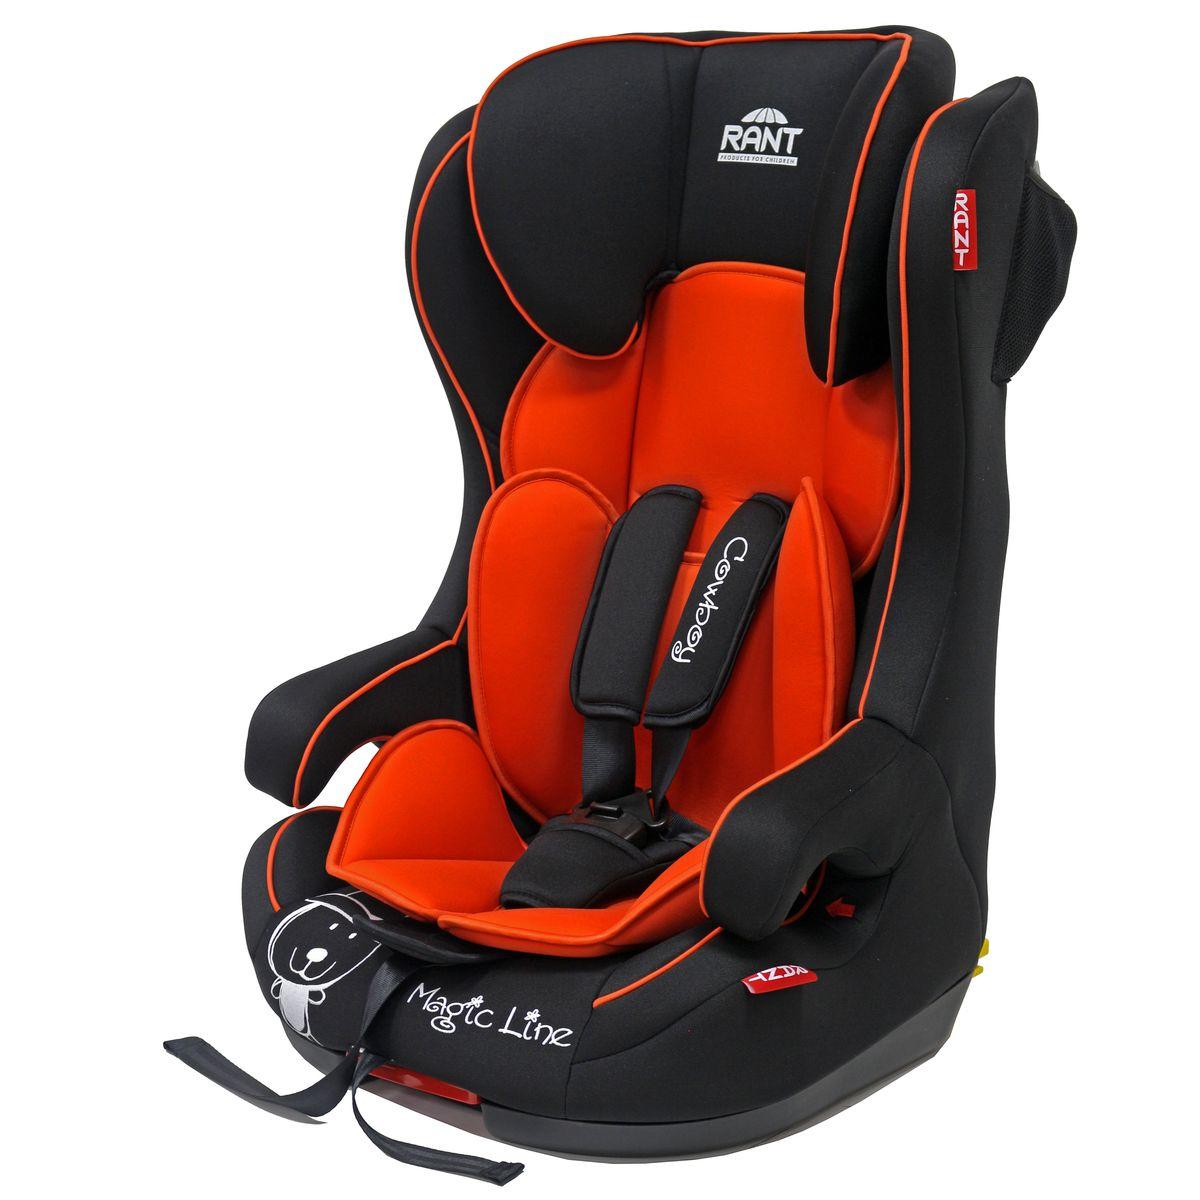 Rant Автокресло Cowboy Isofix цвет красный от 9 до 36 кг 4630008876527